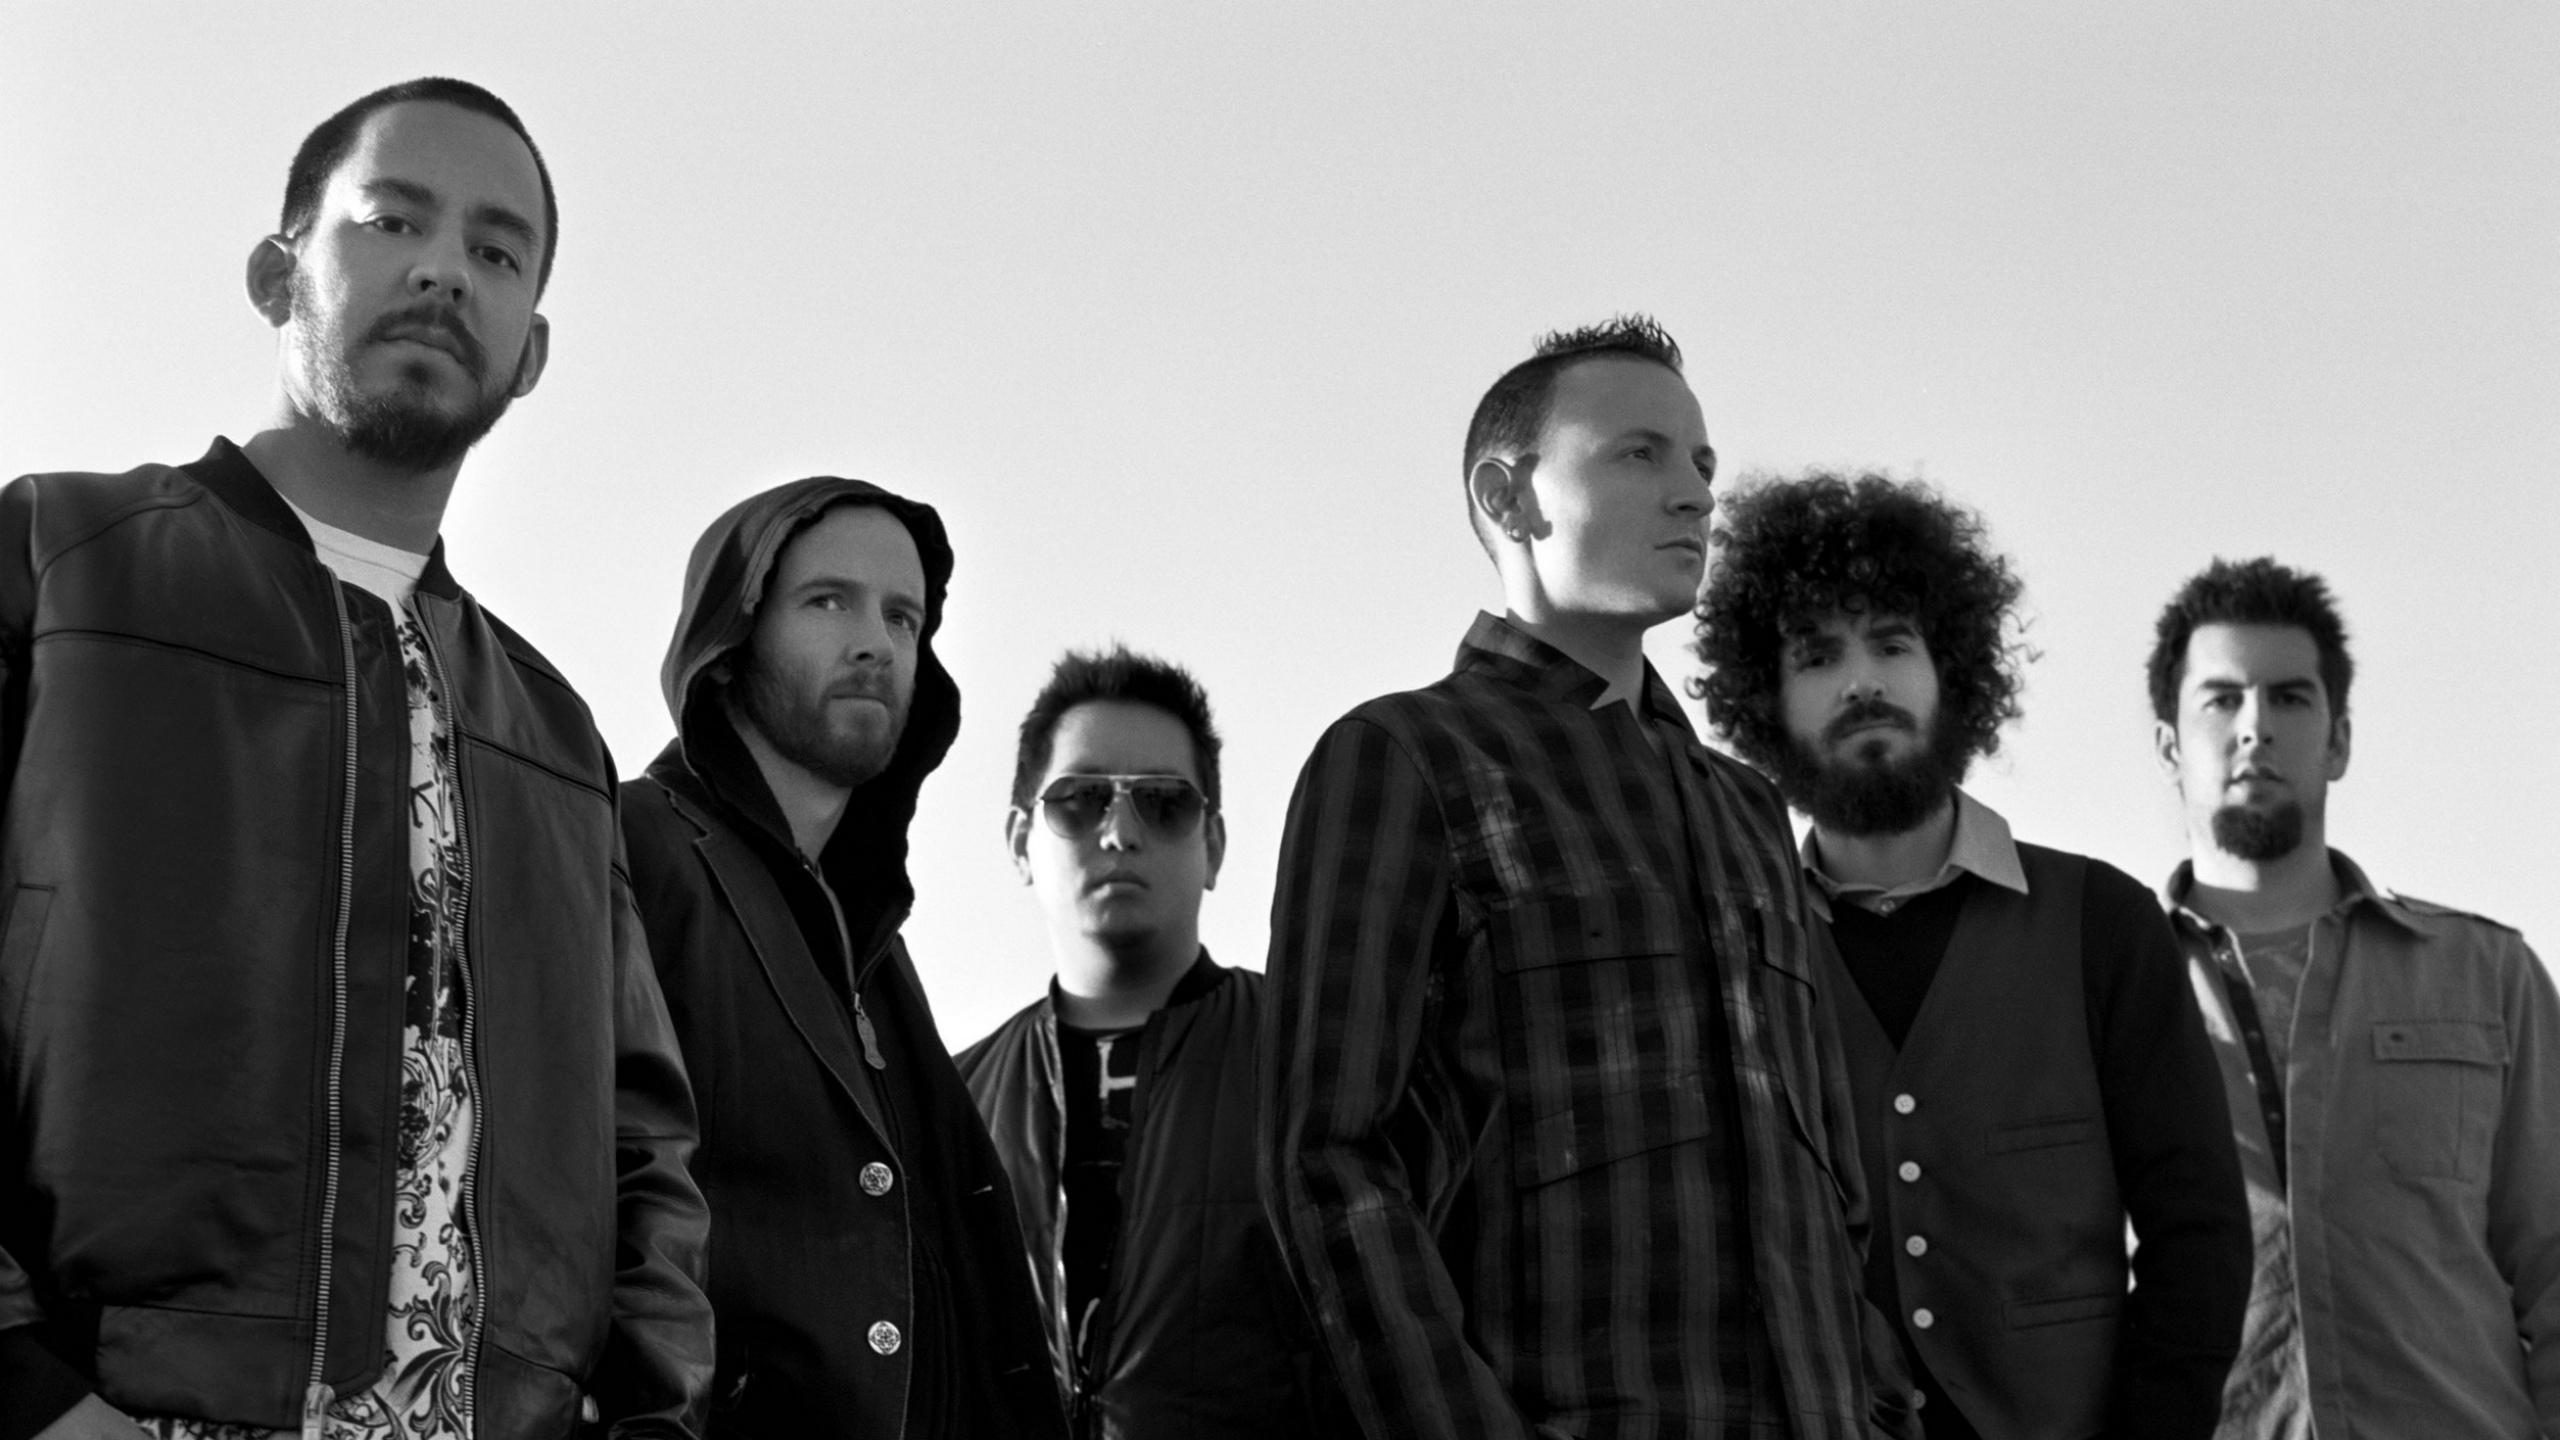 Linkin Park Band Wallpaper - Chester Bennington Wallpaper Desktop , HD Wallpaper & Backgrounds